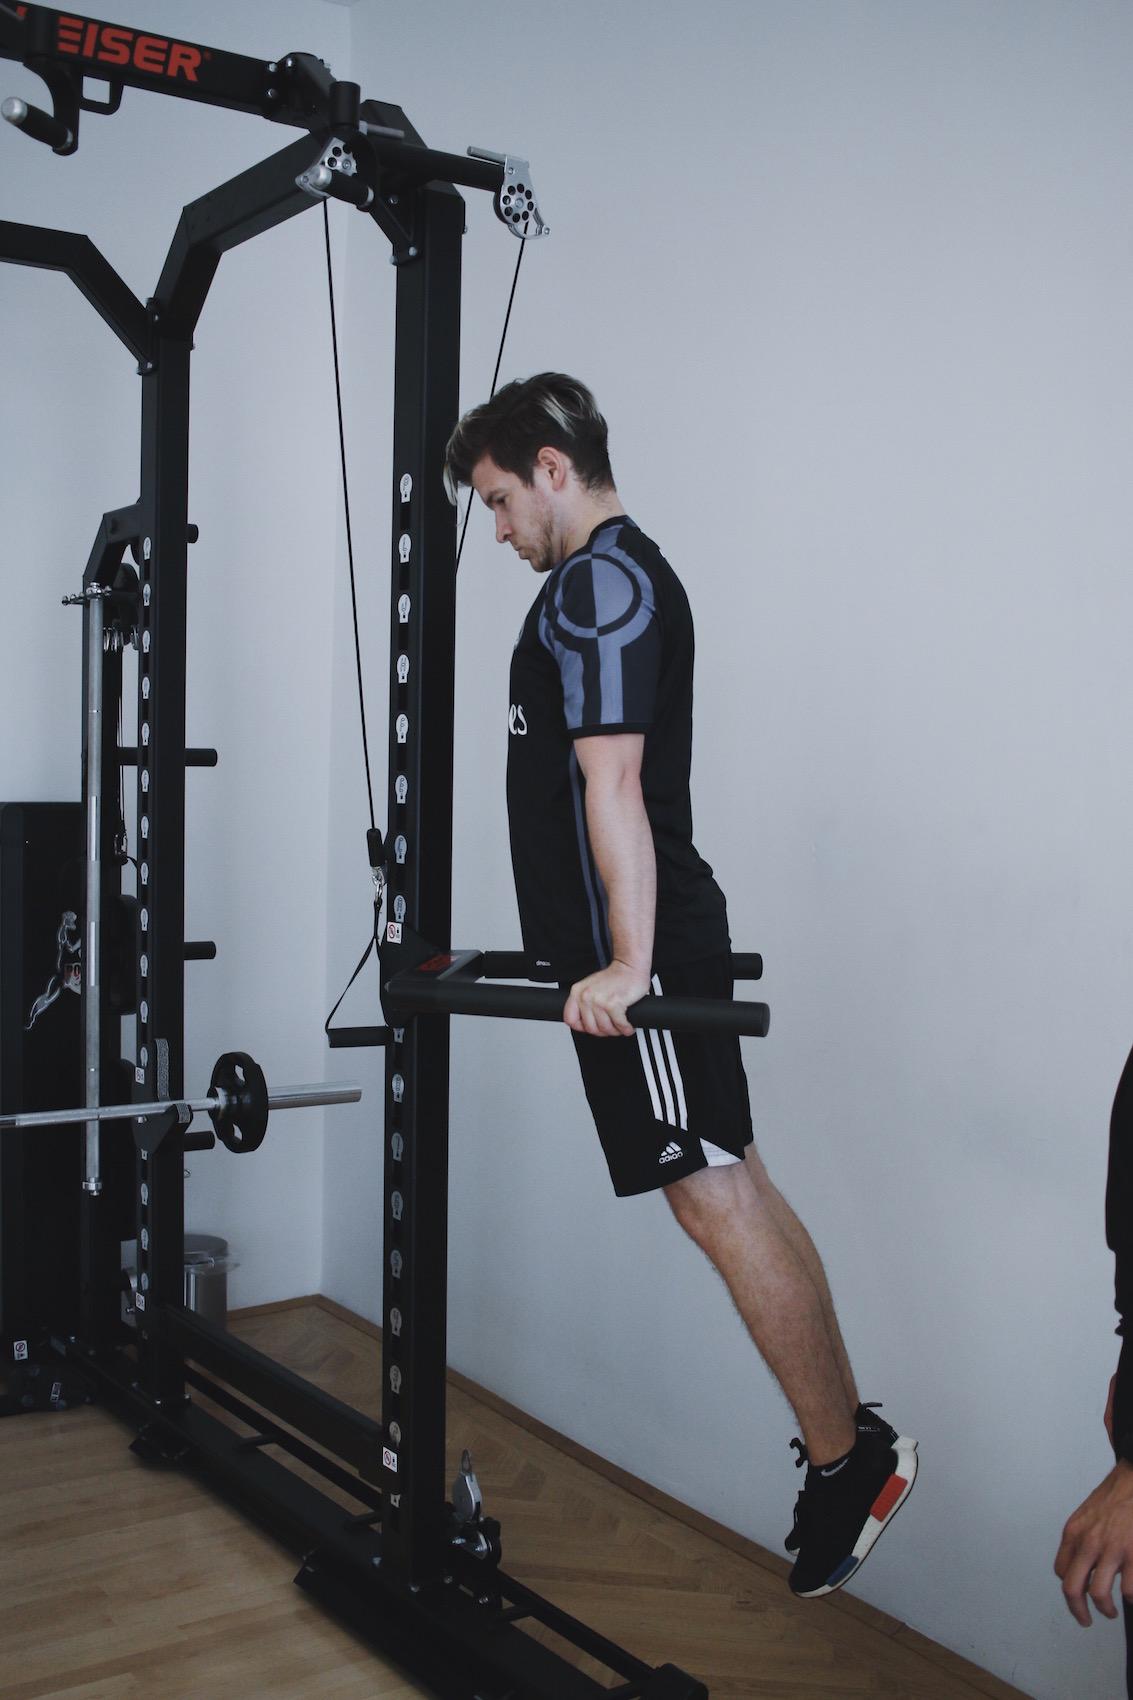 Brusttraining mit eigenem Körpergewicht_Liegestützen und Dips richtig machen_Meanwhile in Awesometown_Wiener Männermode und Lifestyle Blogger5